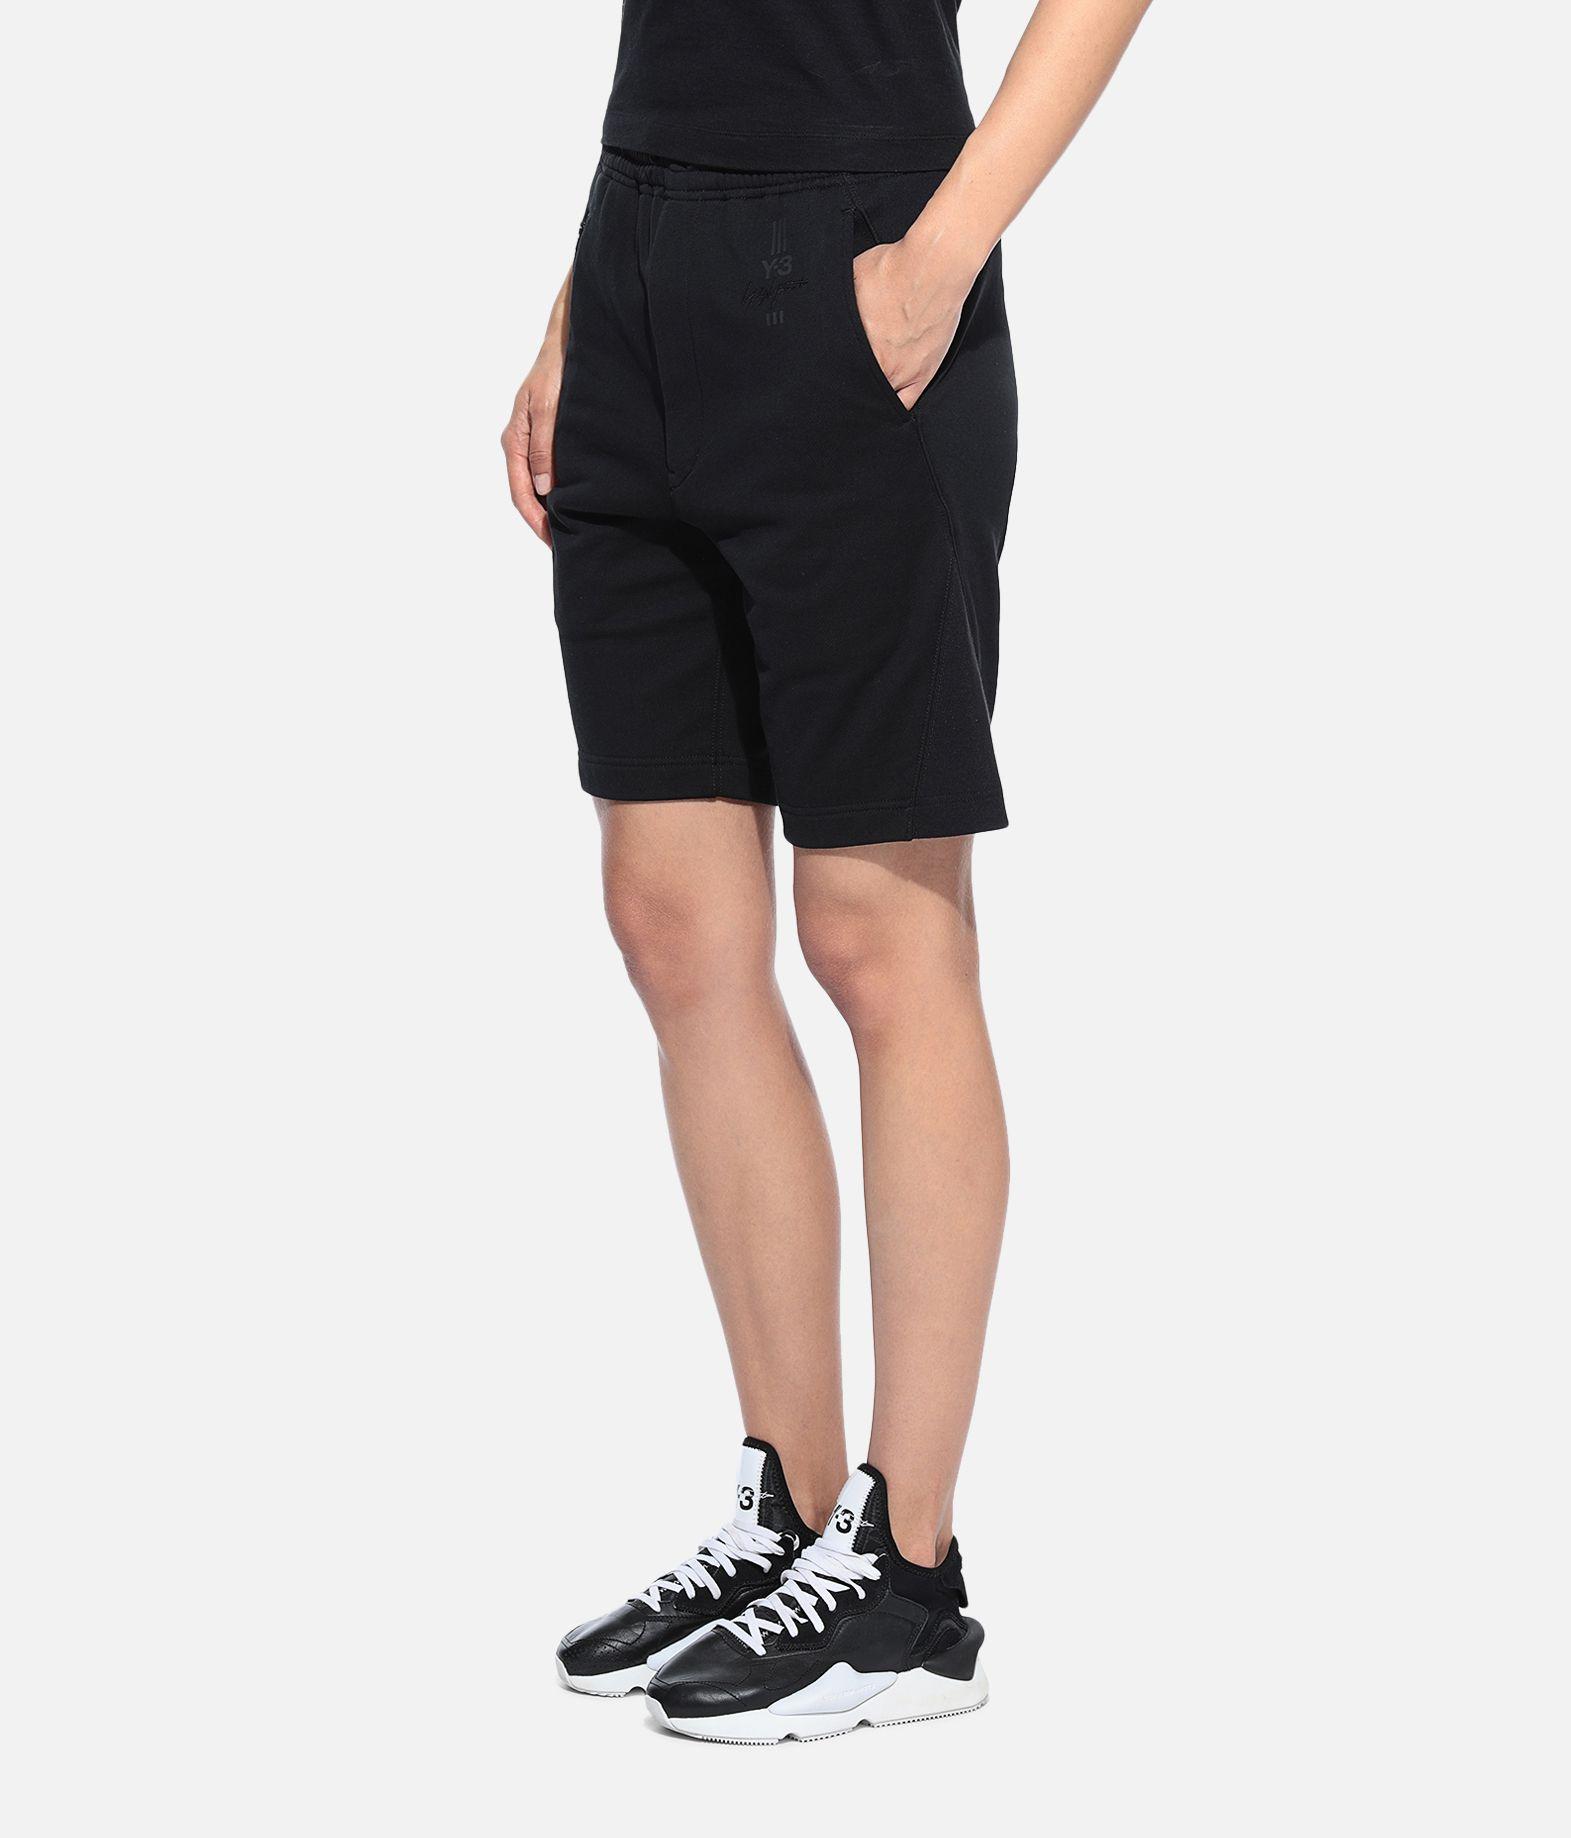 Y-3 Y-3 Classic Shorts Шорты Для Женщин e